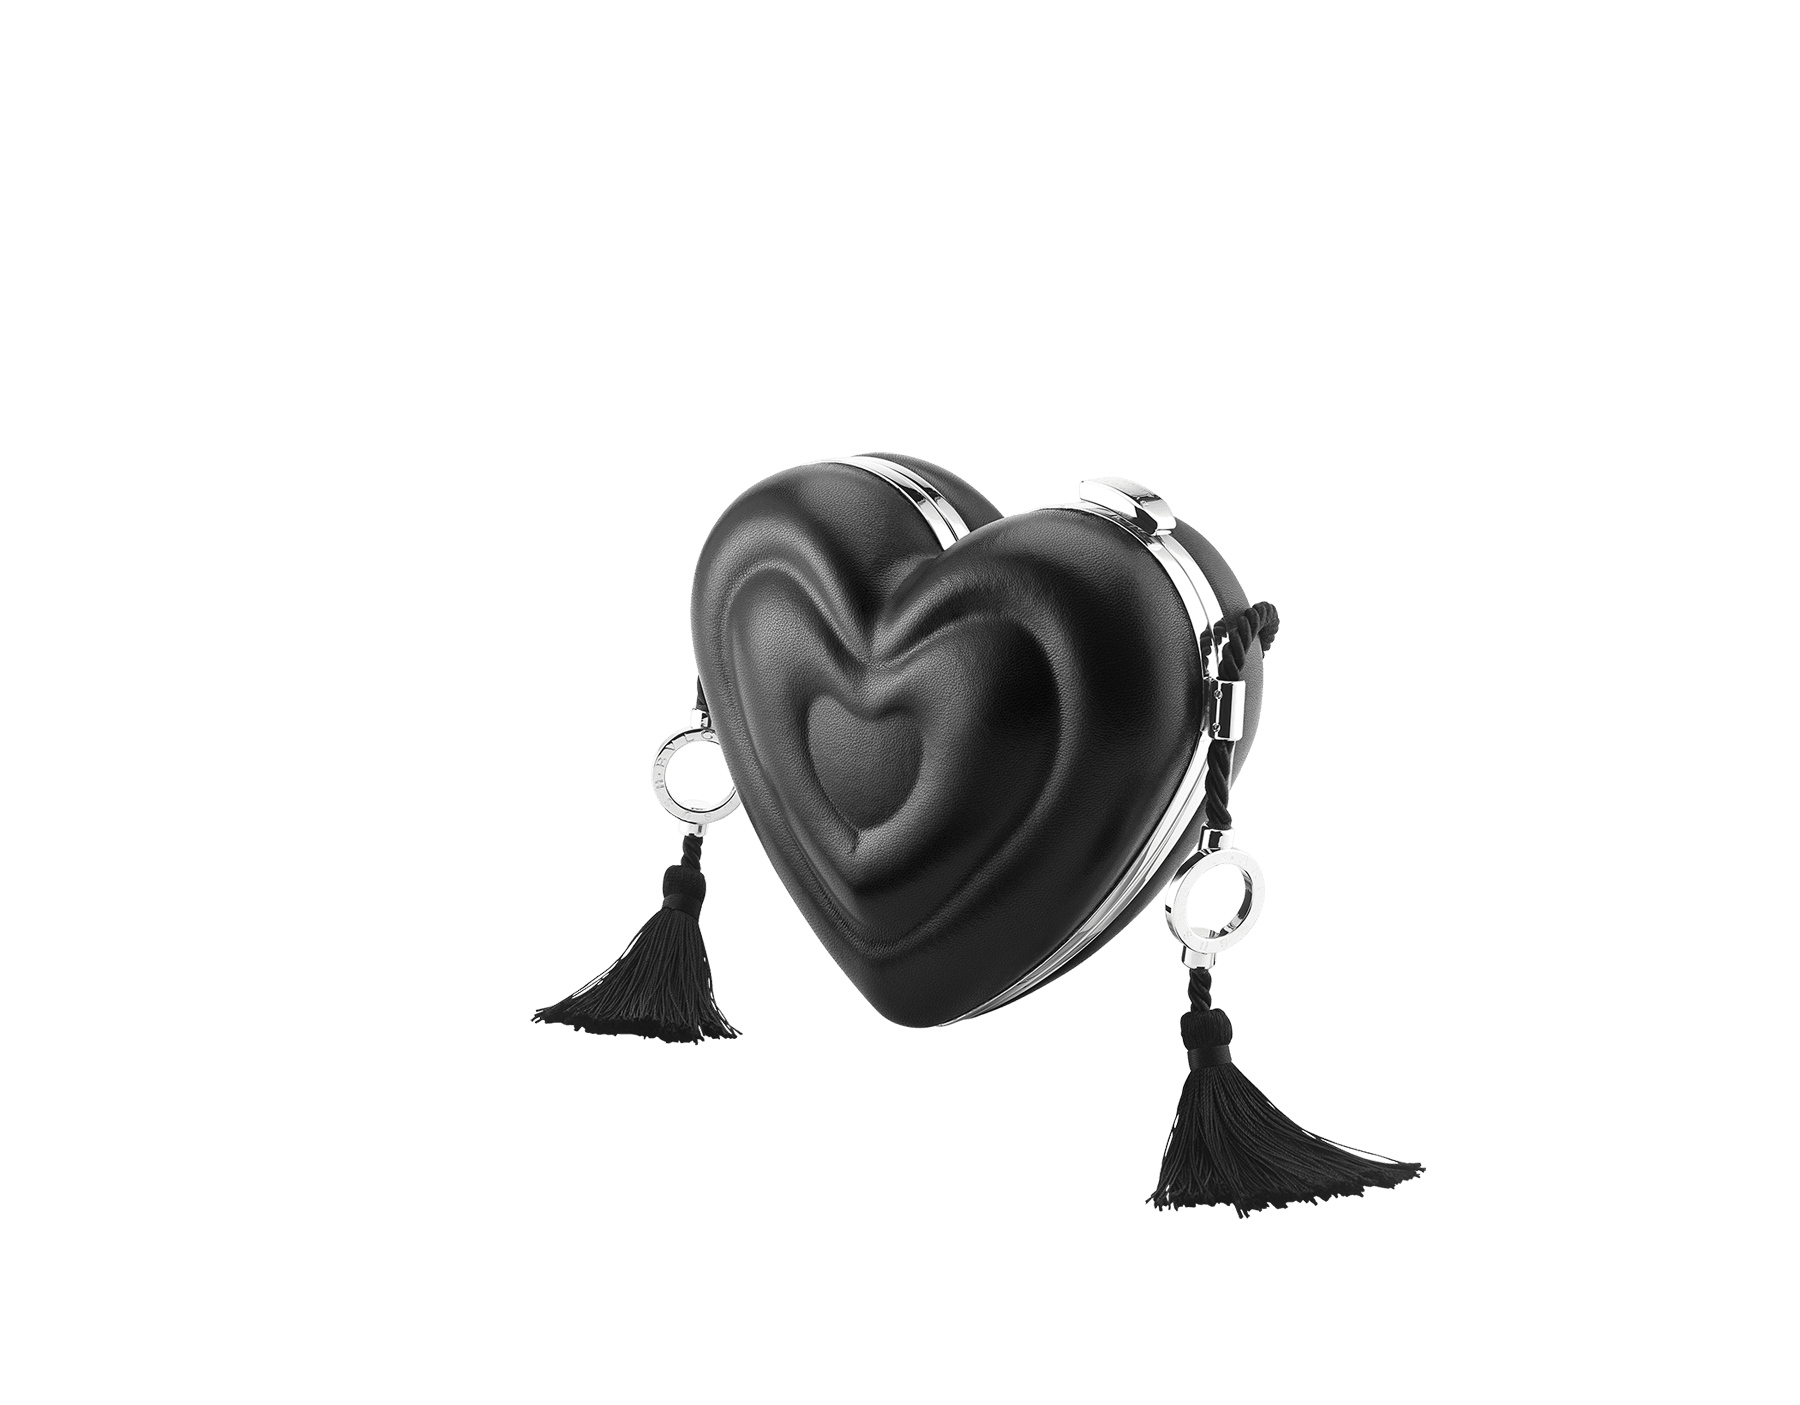 Minaudière Ambush x Bvlgari en aluminium avec une doublure en cuir nappa noir et des détails en laiton. Nouveau fermoir emblématique Serpenti avec yeux en onyx au charme envoûtant. Édition limitée. YA-MINAUDIERE image 2